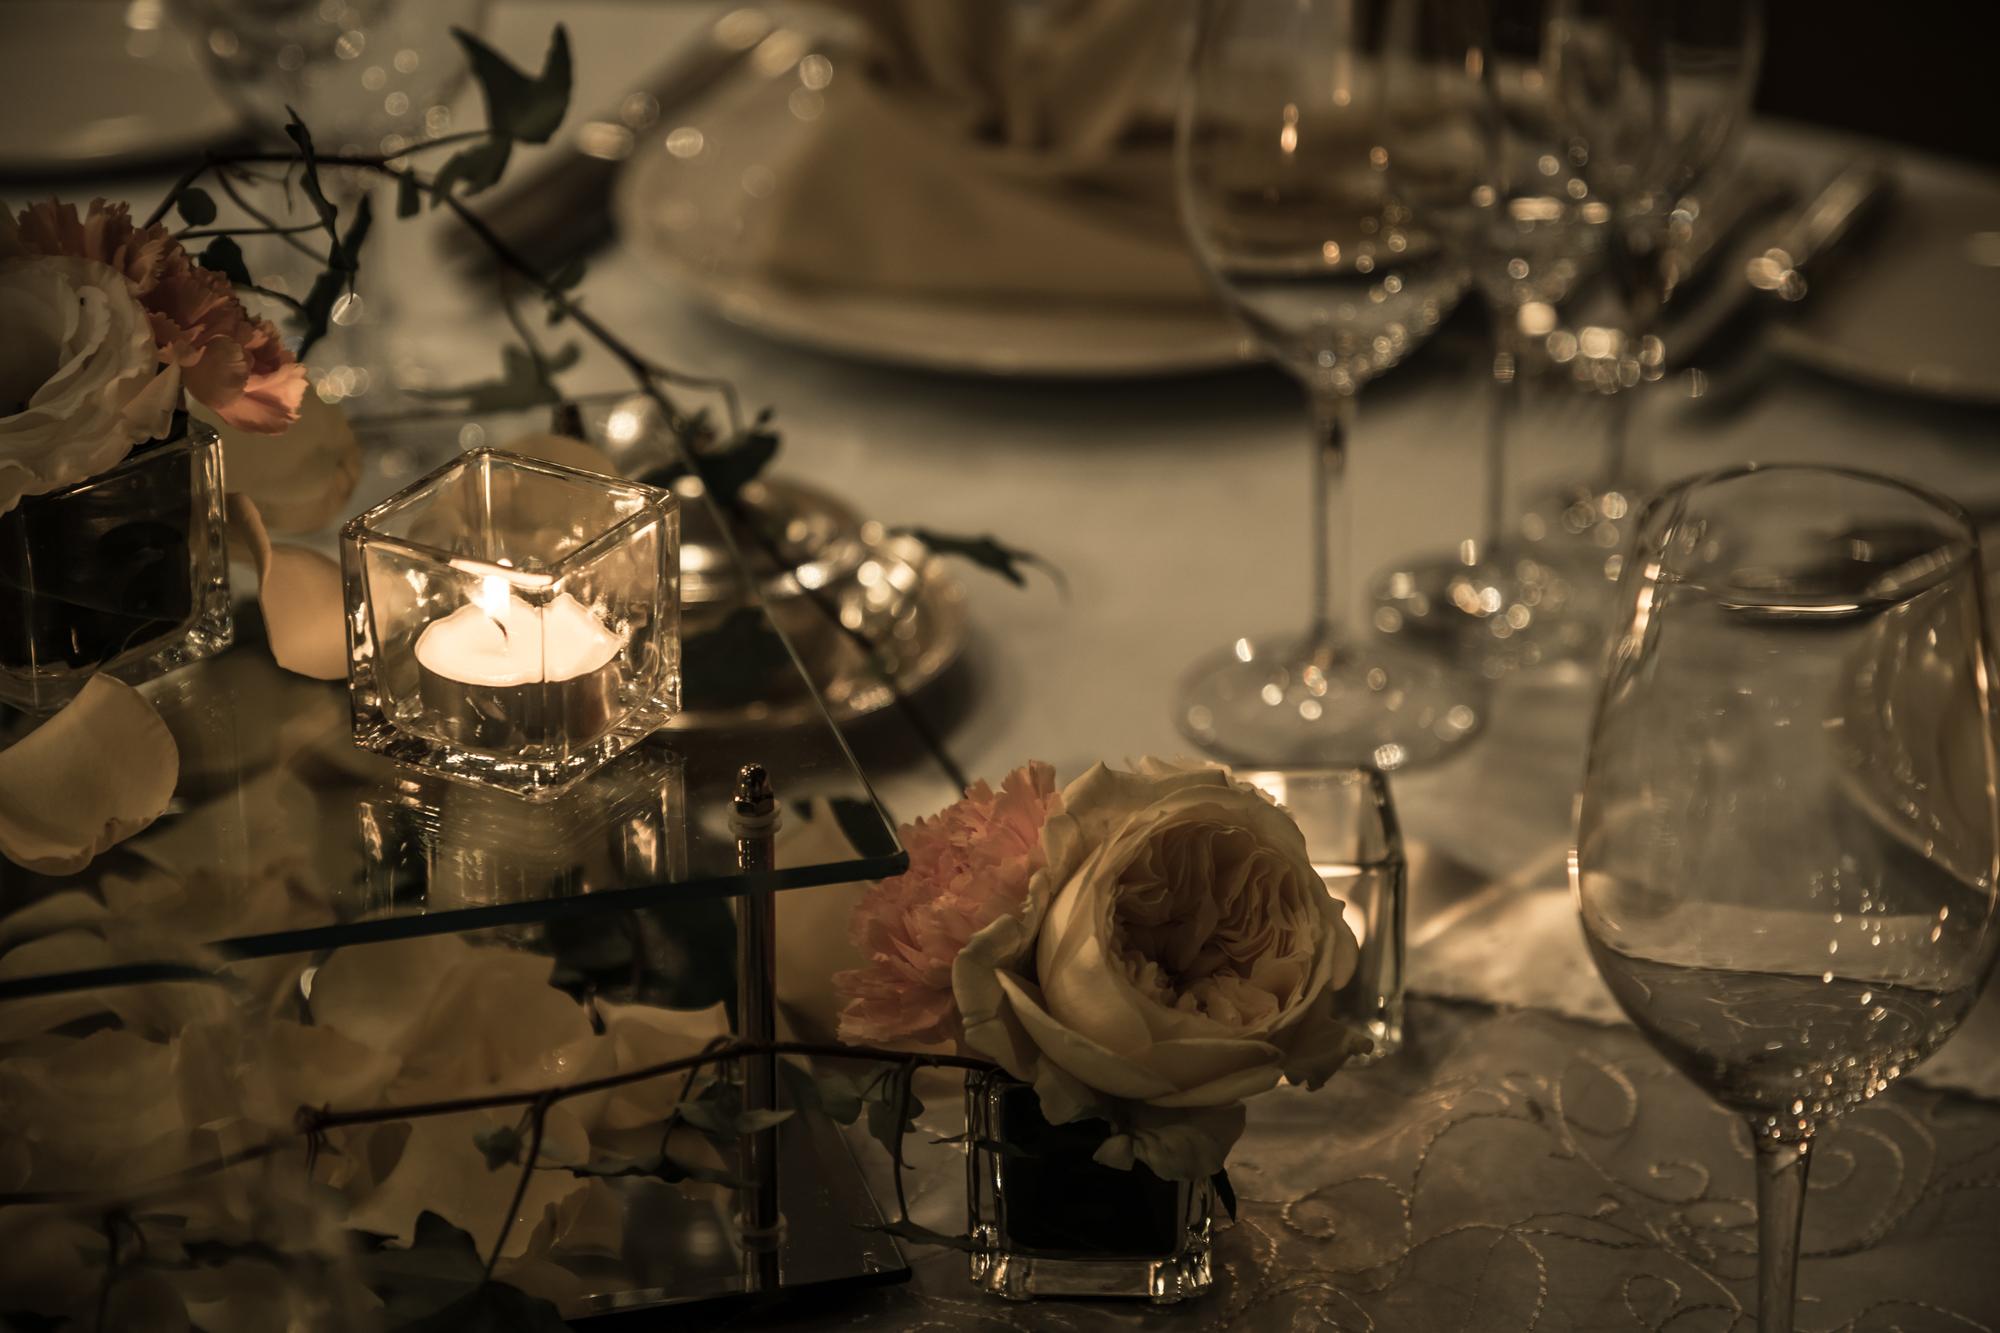 アパレル・飲食・芸術関係etc…レセプションパーティーにおすすめのレンタルスペース4選|TIME SHARING|タイムシェアリング |スペースマネジメント|あどばる|adval|SHARING